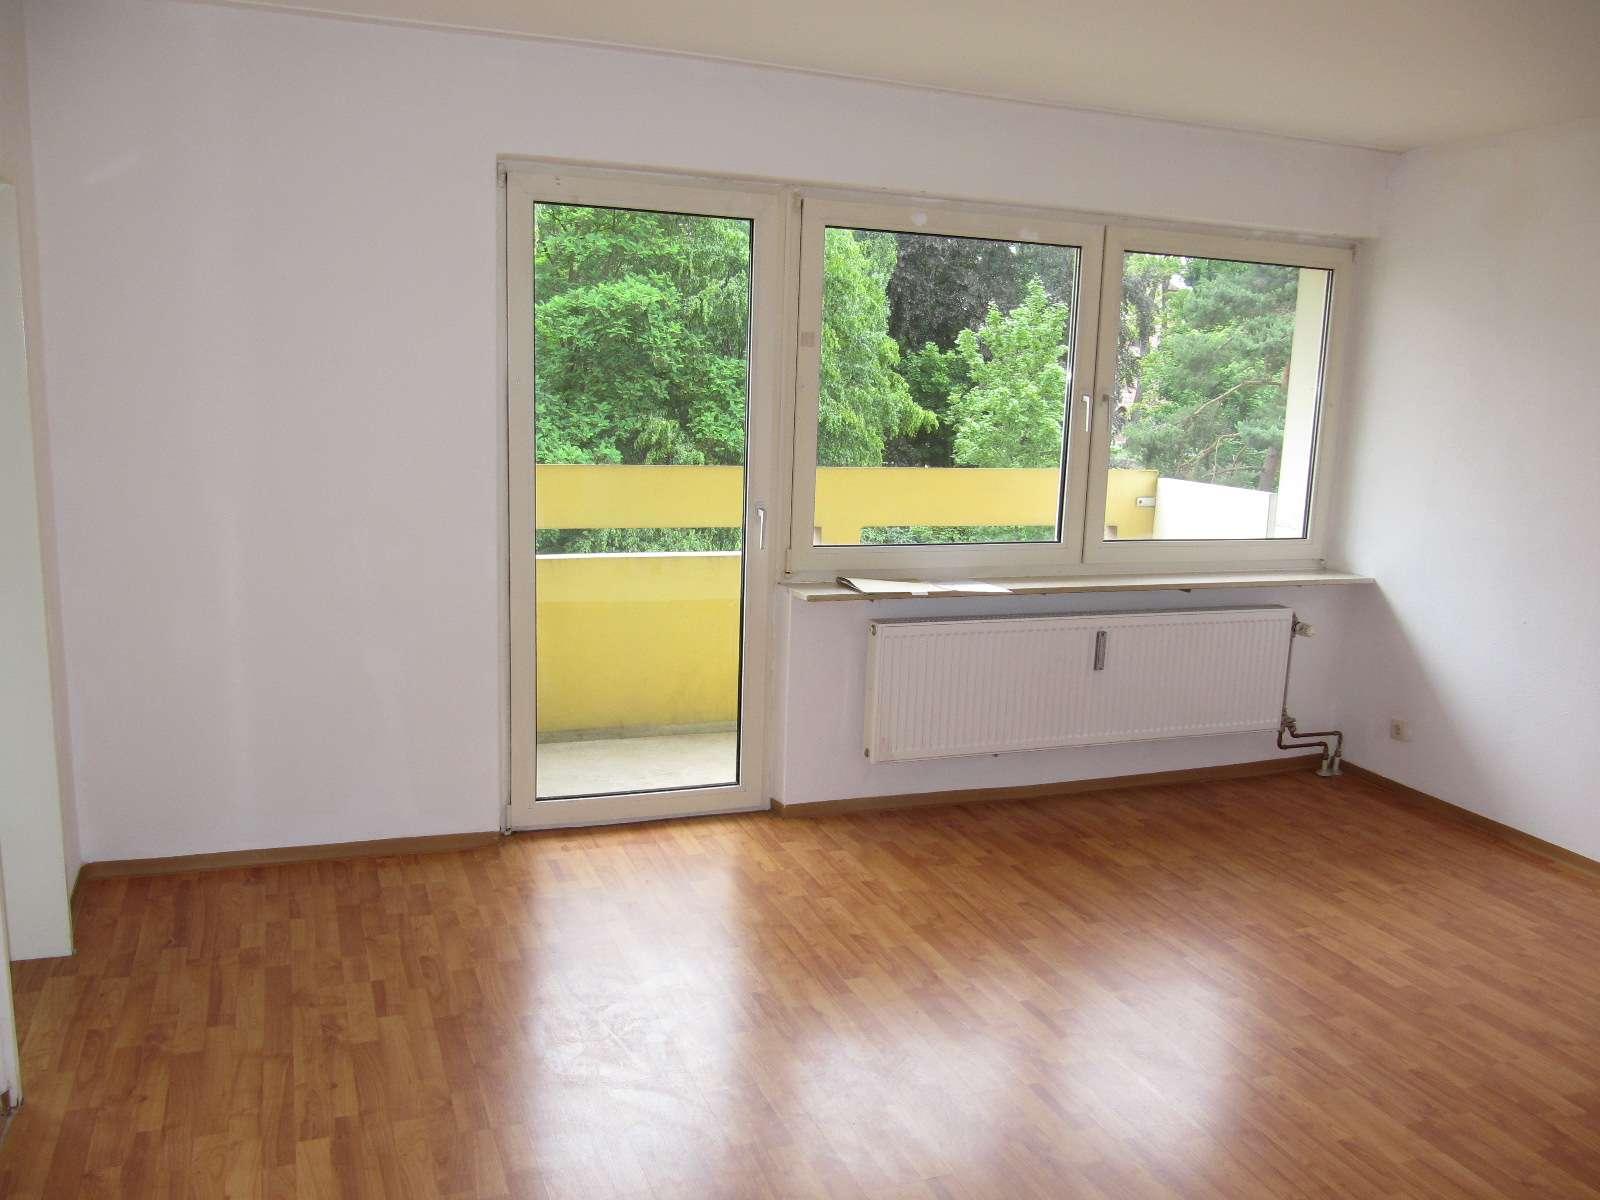 Welserstraße: 1-ZW, 34 qm, Laminat, Balkon, 2.OG in Schoppershof (Nürnberg)